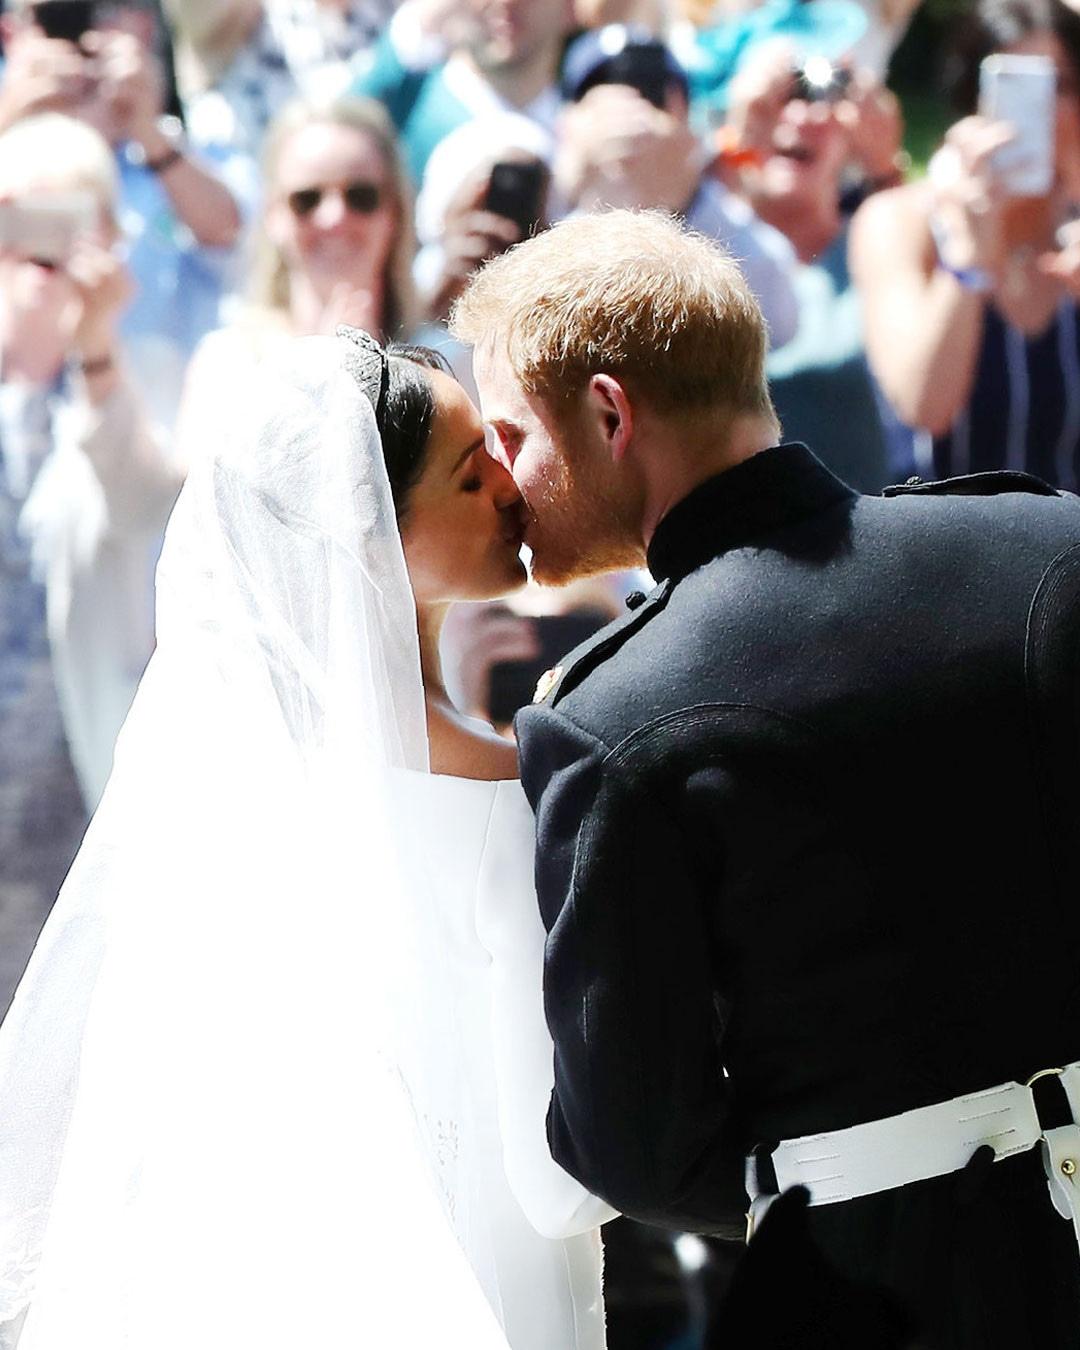 ESC: Prince Harry, Meghan Markle, Moments